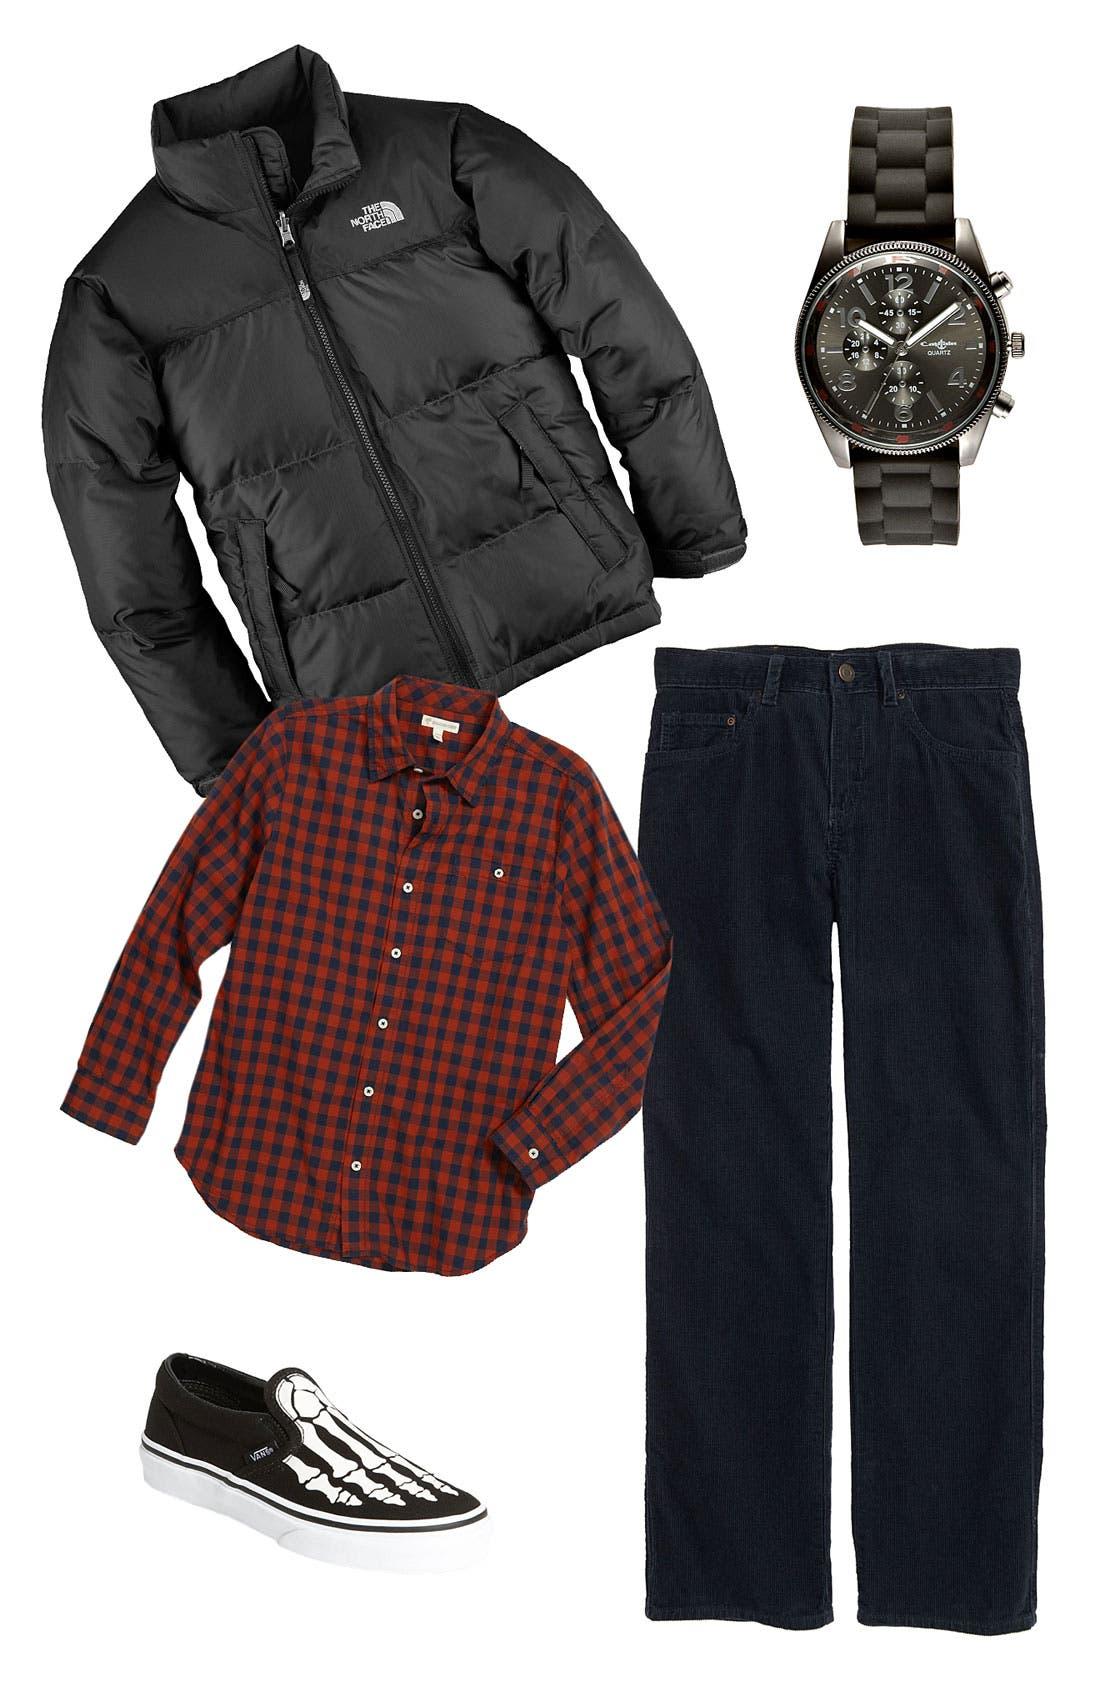 Main Image - The North Face Jacket & Tucker + Tate Shirt & Pants (Big Boys)